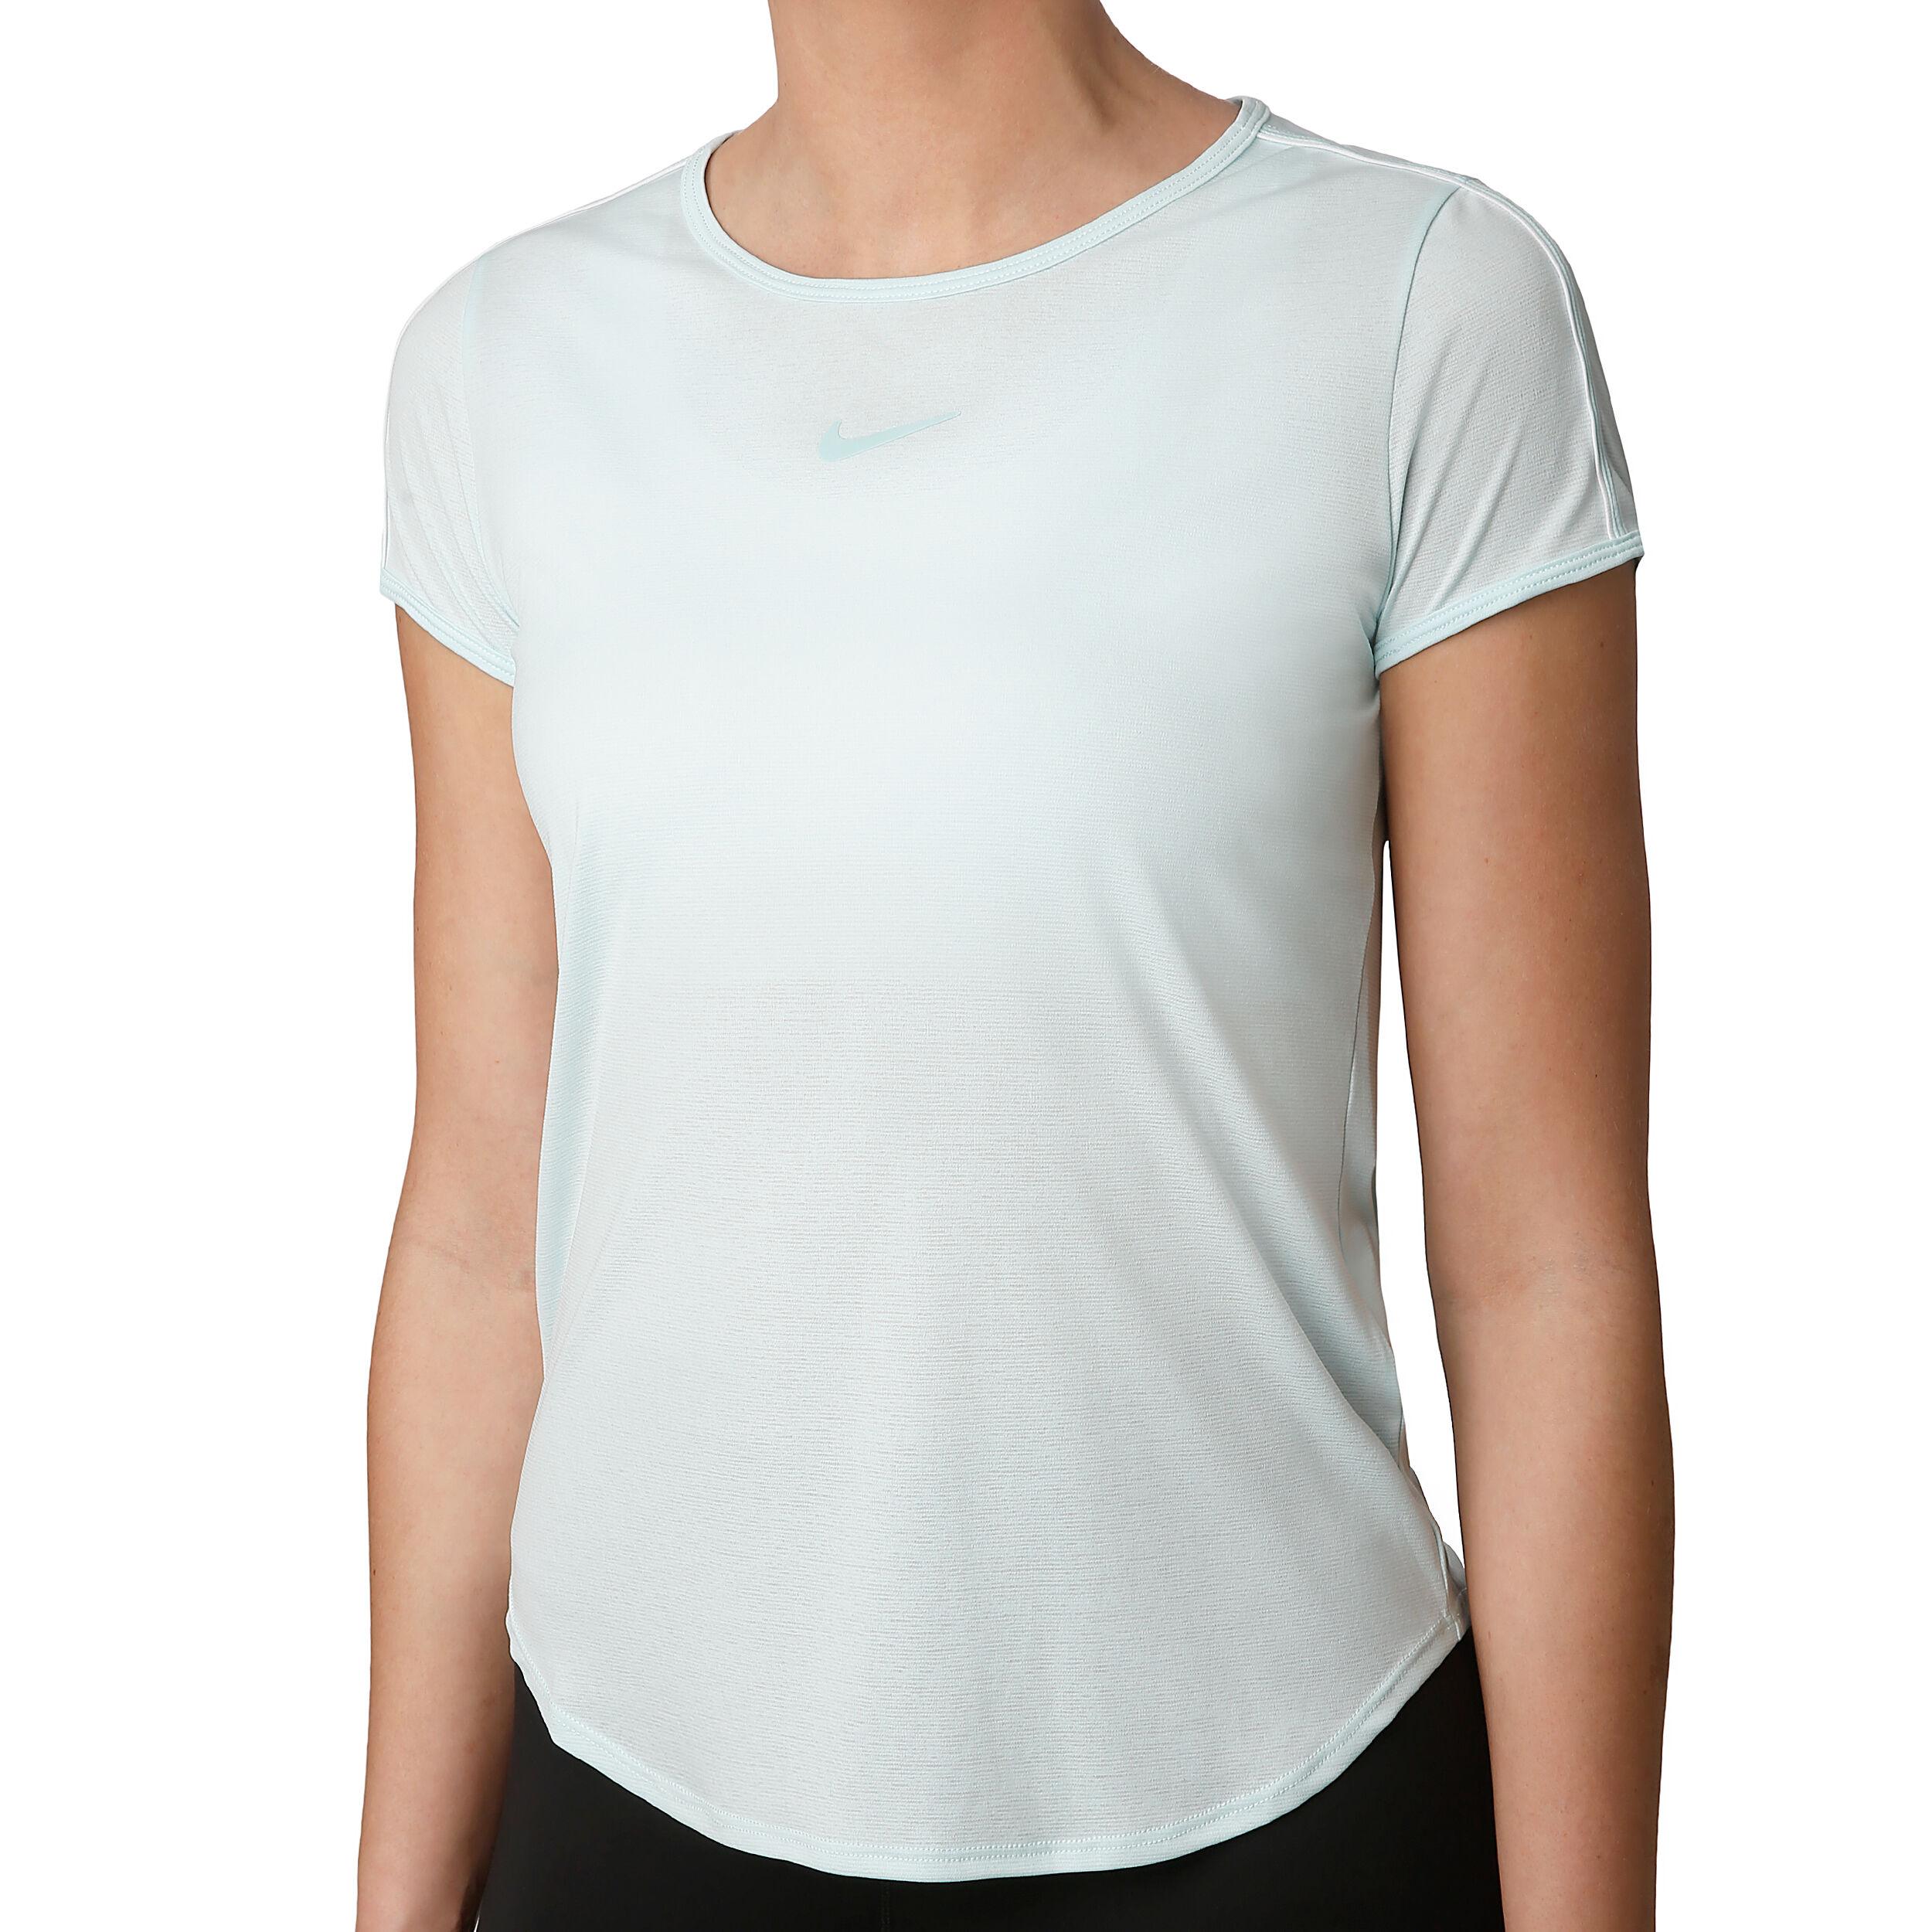 Nike Court Dry T Shirt Damen Mint, Weiß online kaufen